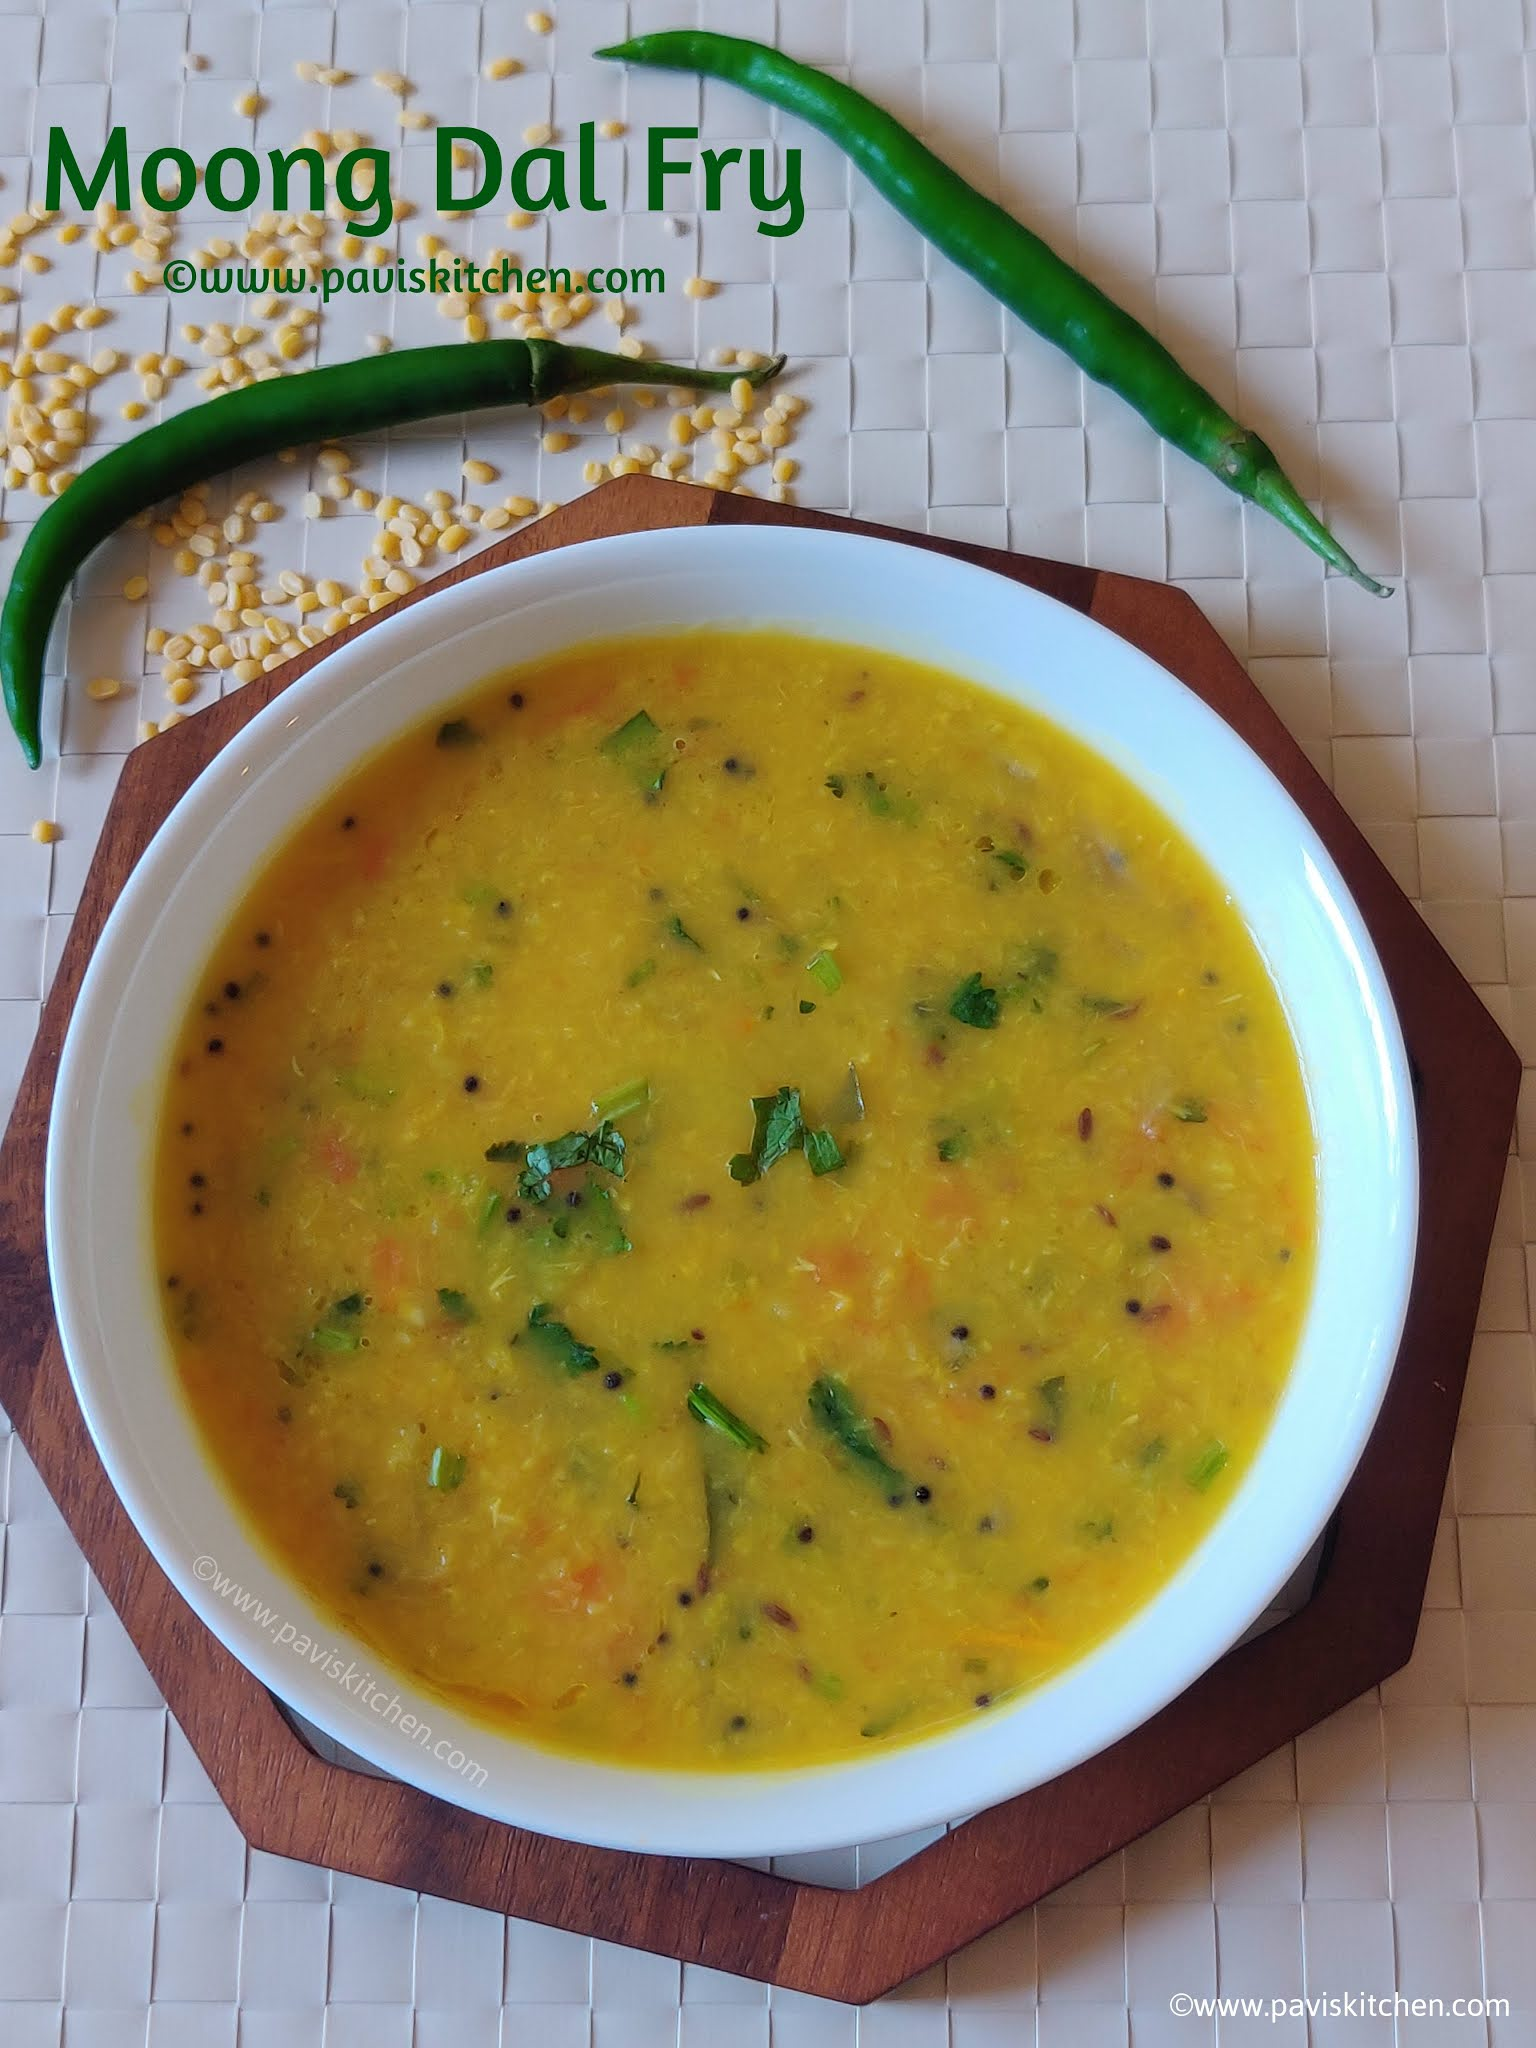 Yellow moong dal fry recipe | best Indian dal recipe | moong dal sabji recipe (stovetop & pressure cooker)